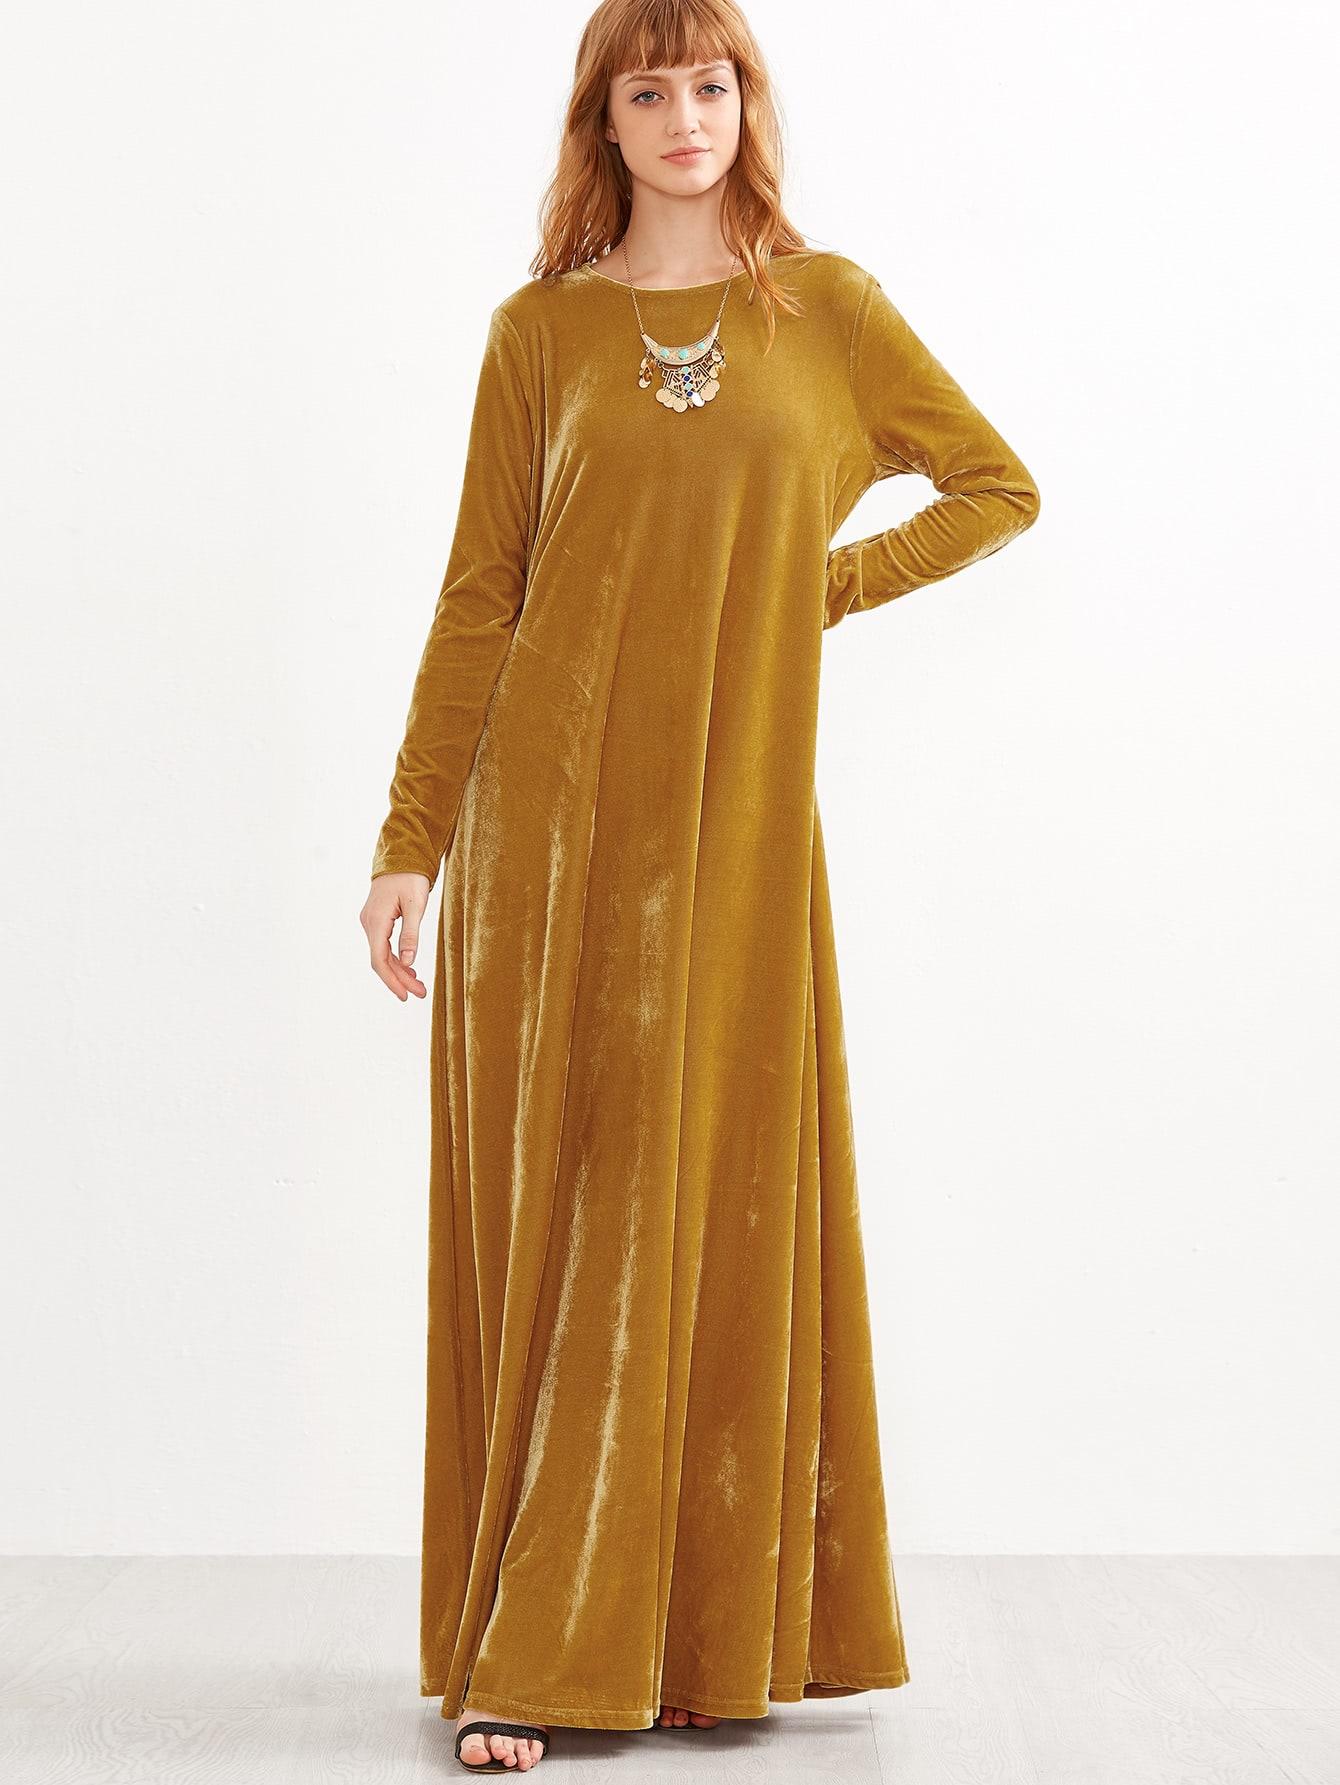 dress160908708_2